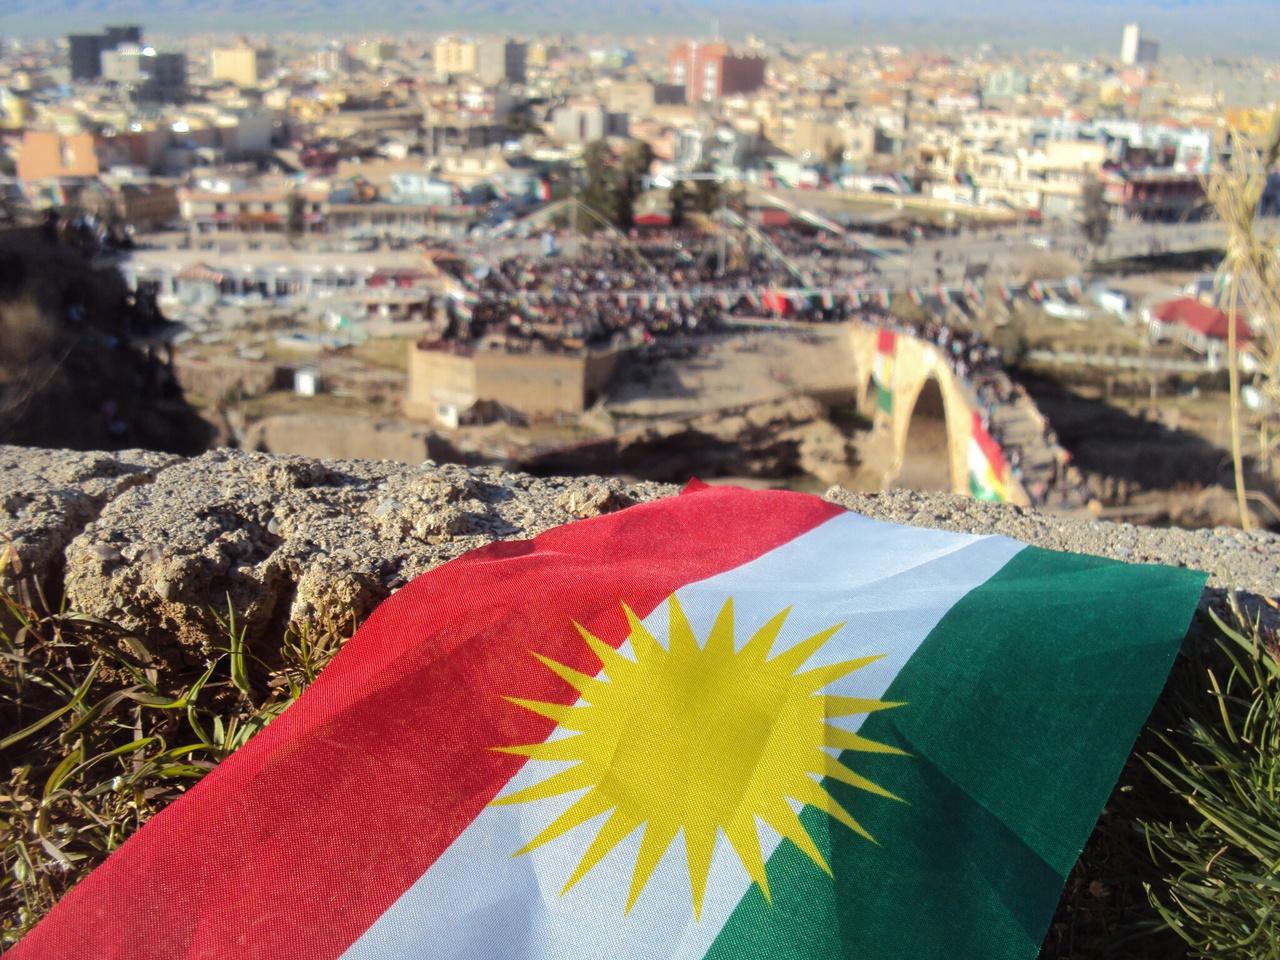 полумахровые картинки с флагом курдистана сейчас трудно представить